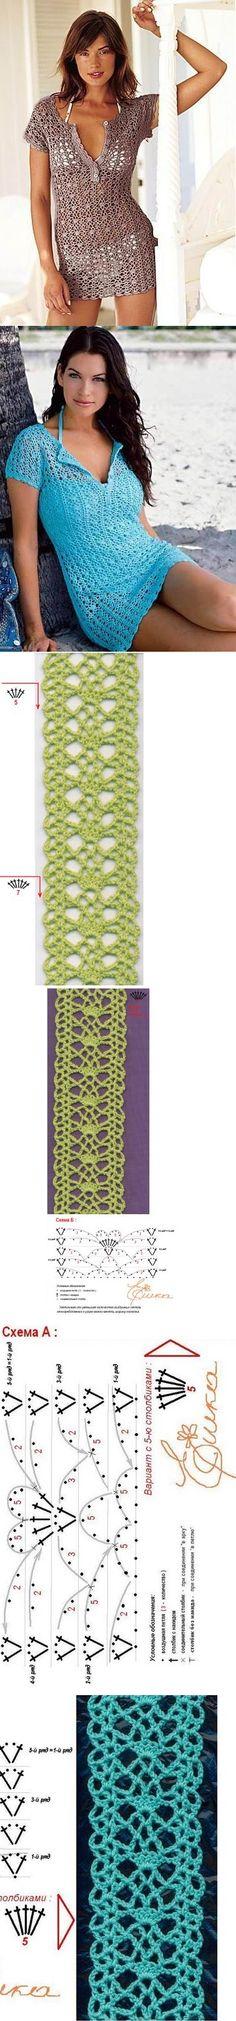 Blusa de crochê (saida de praia) bracelet, chart, crochet patterns